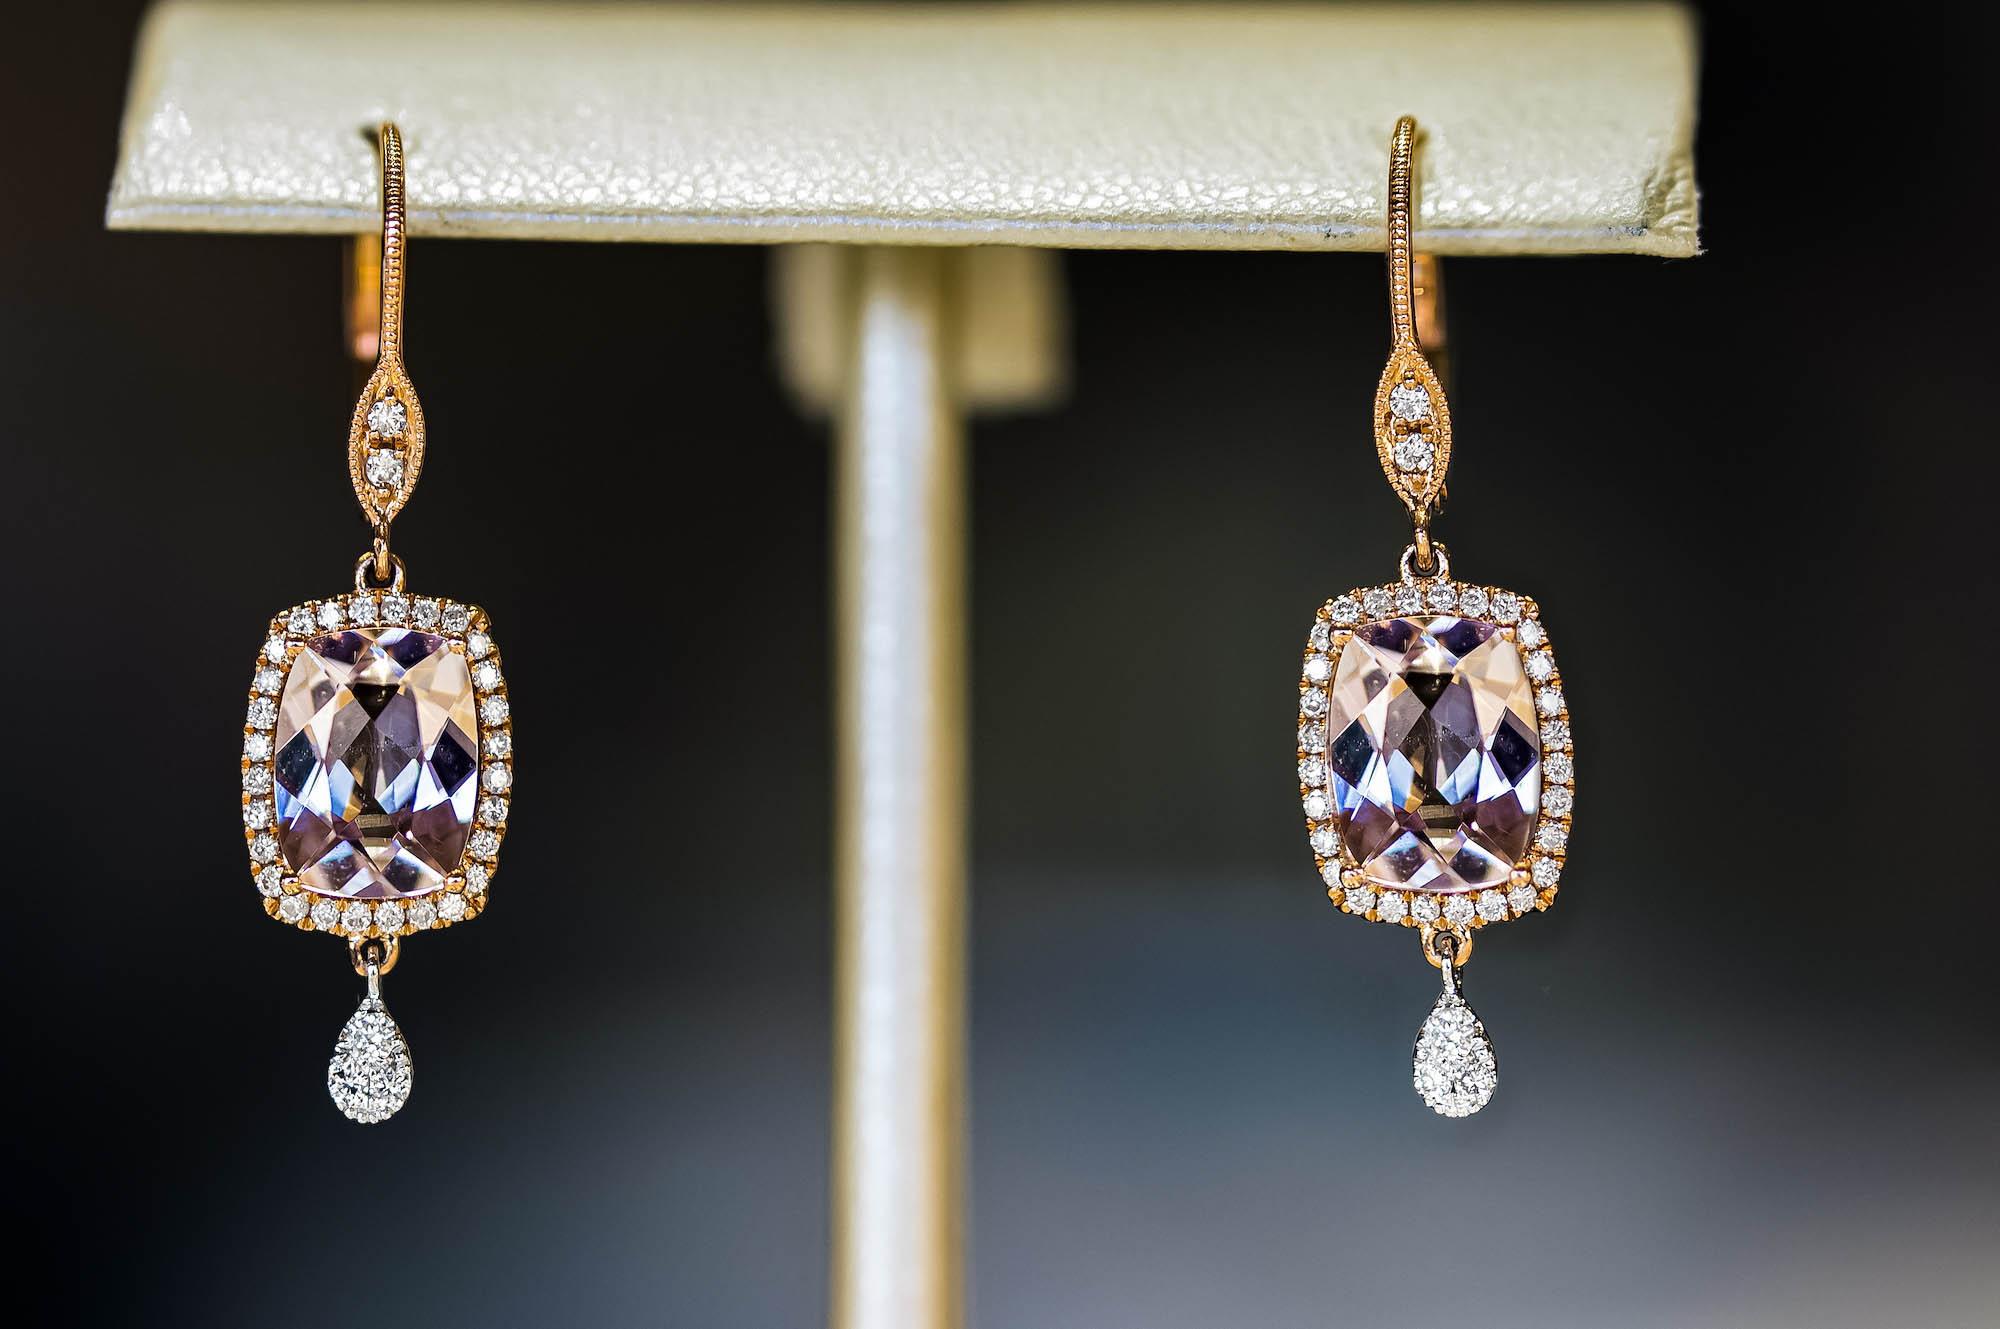 gemstone earrings on display at Jack Lewis Jewelers in Bloomington, IL